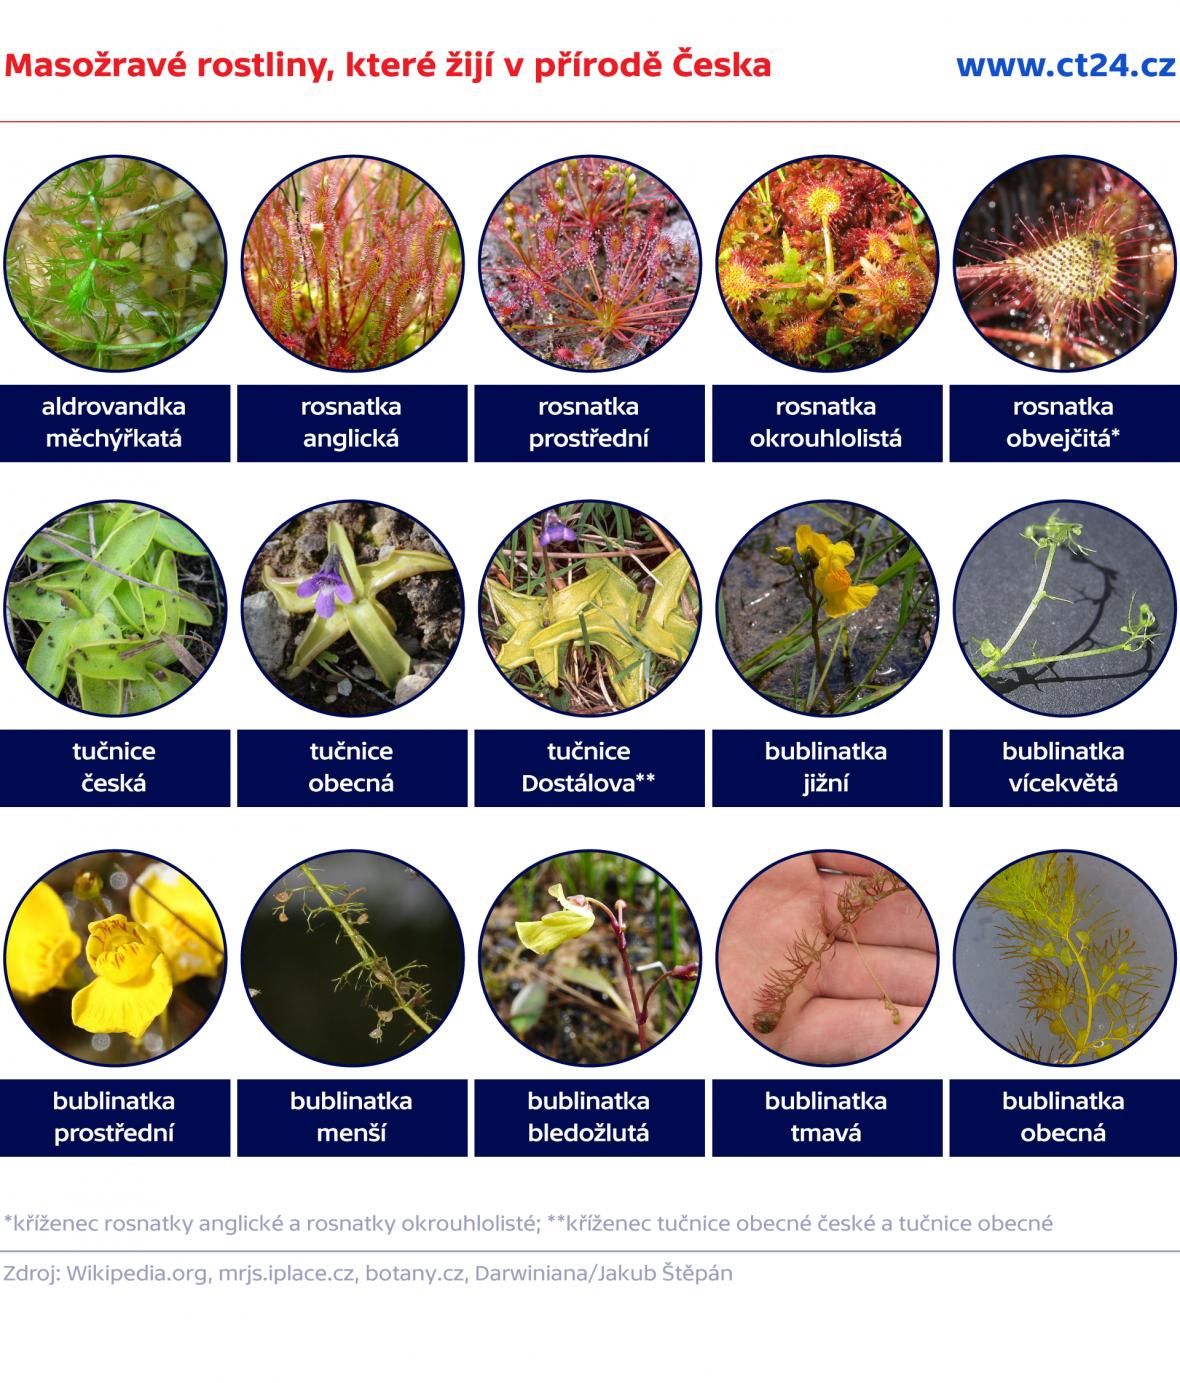 Masožravé rostliny, které žijí v přírodě Česka